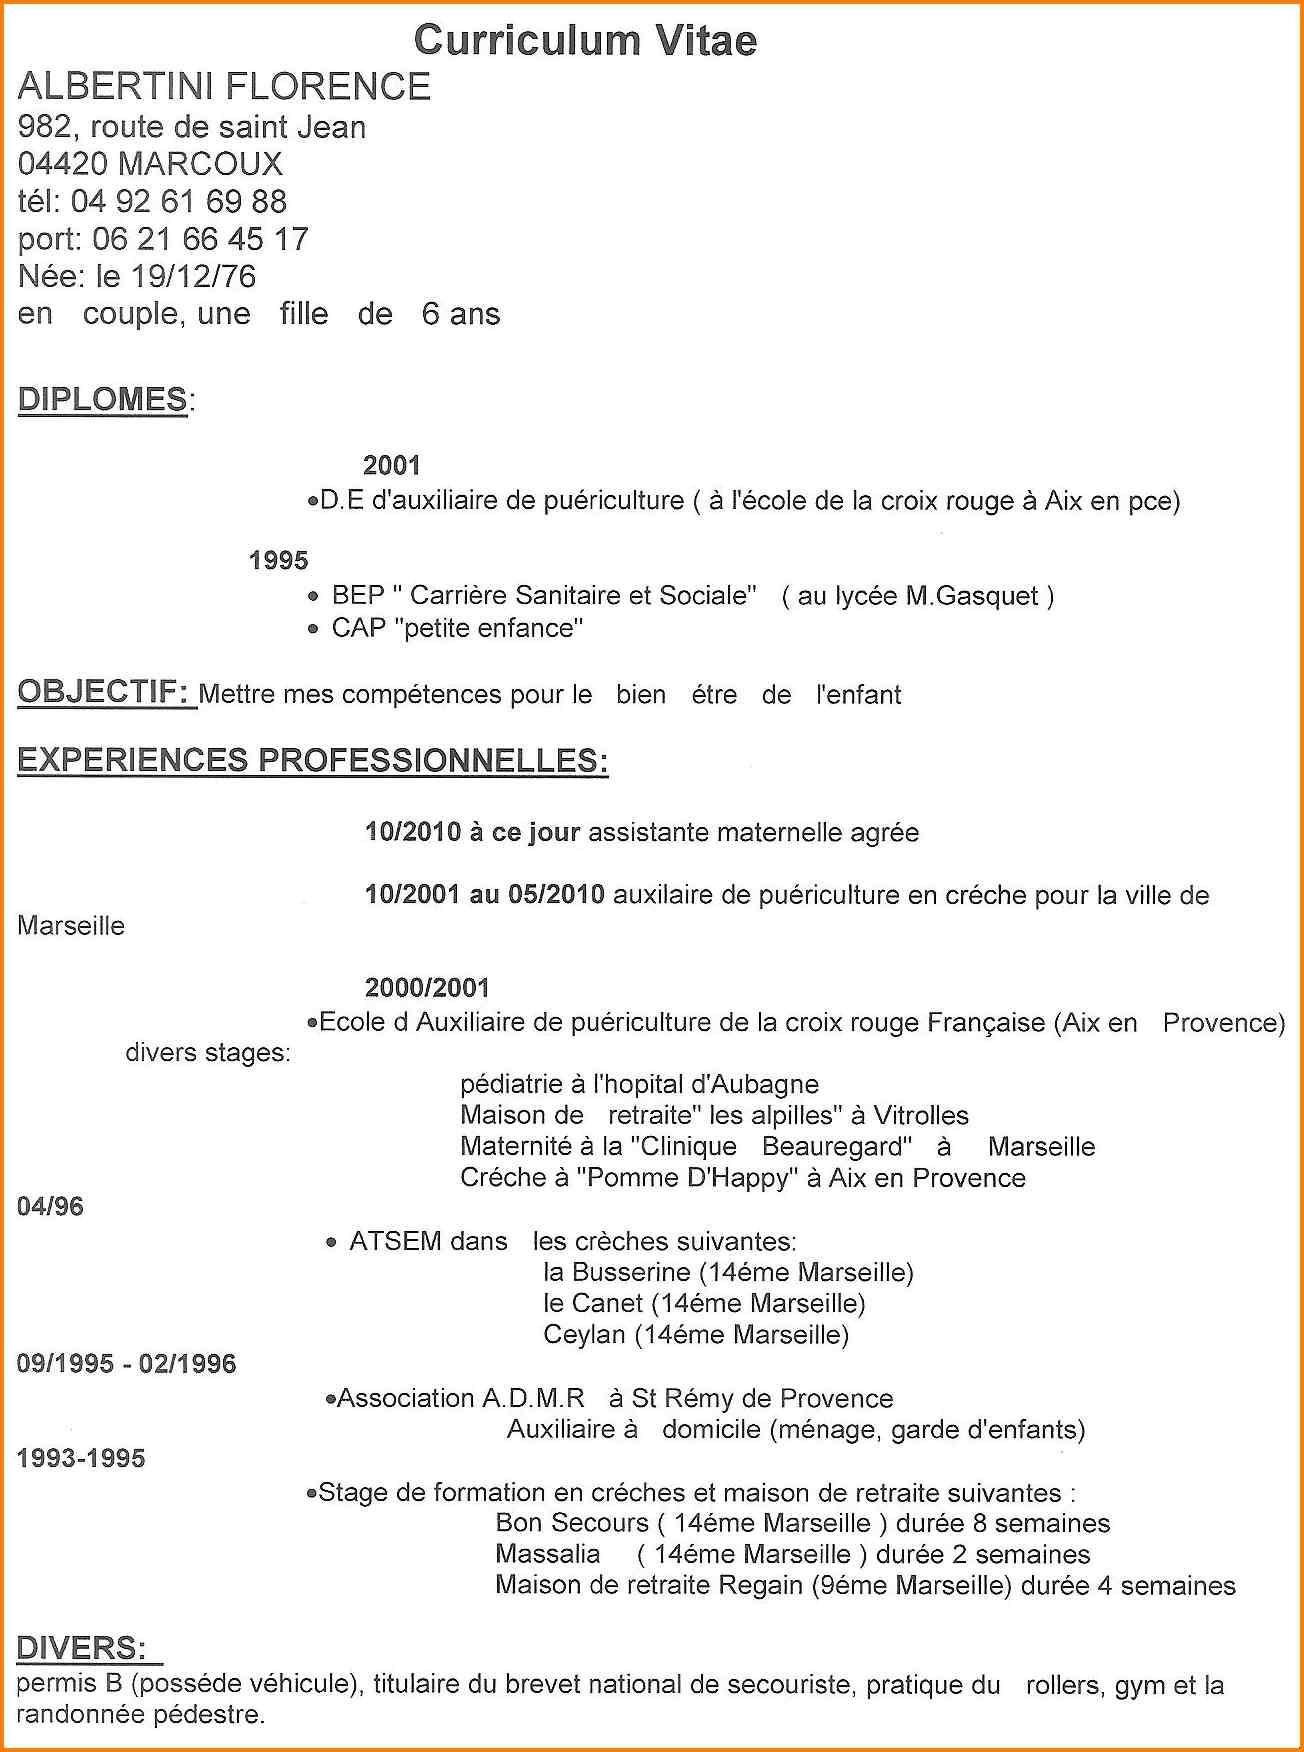 lettre de motivation stage auxiliaire de pu u00e9riculture